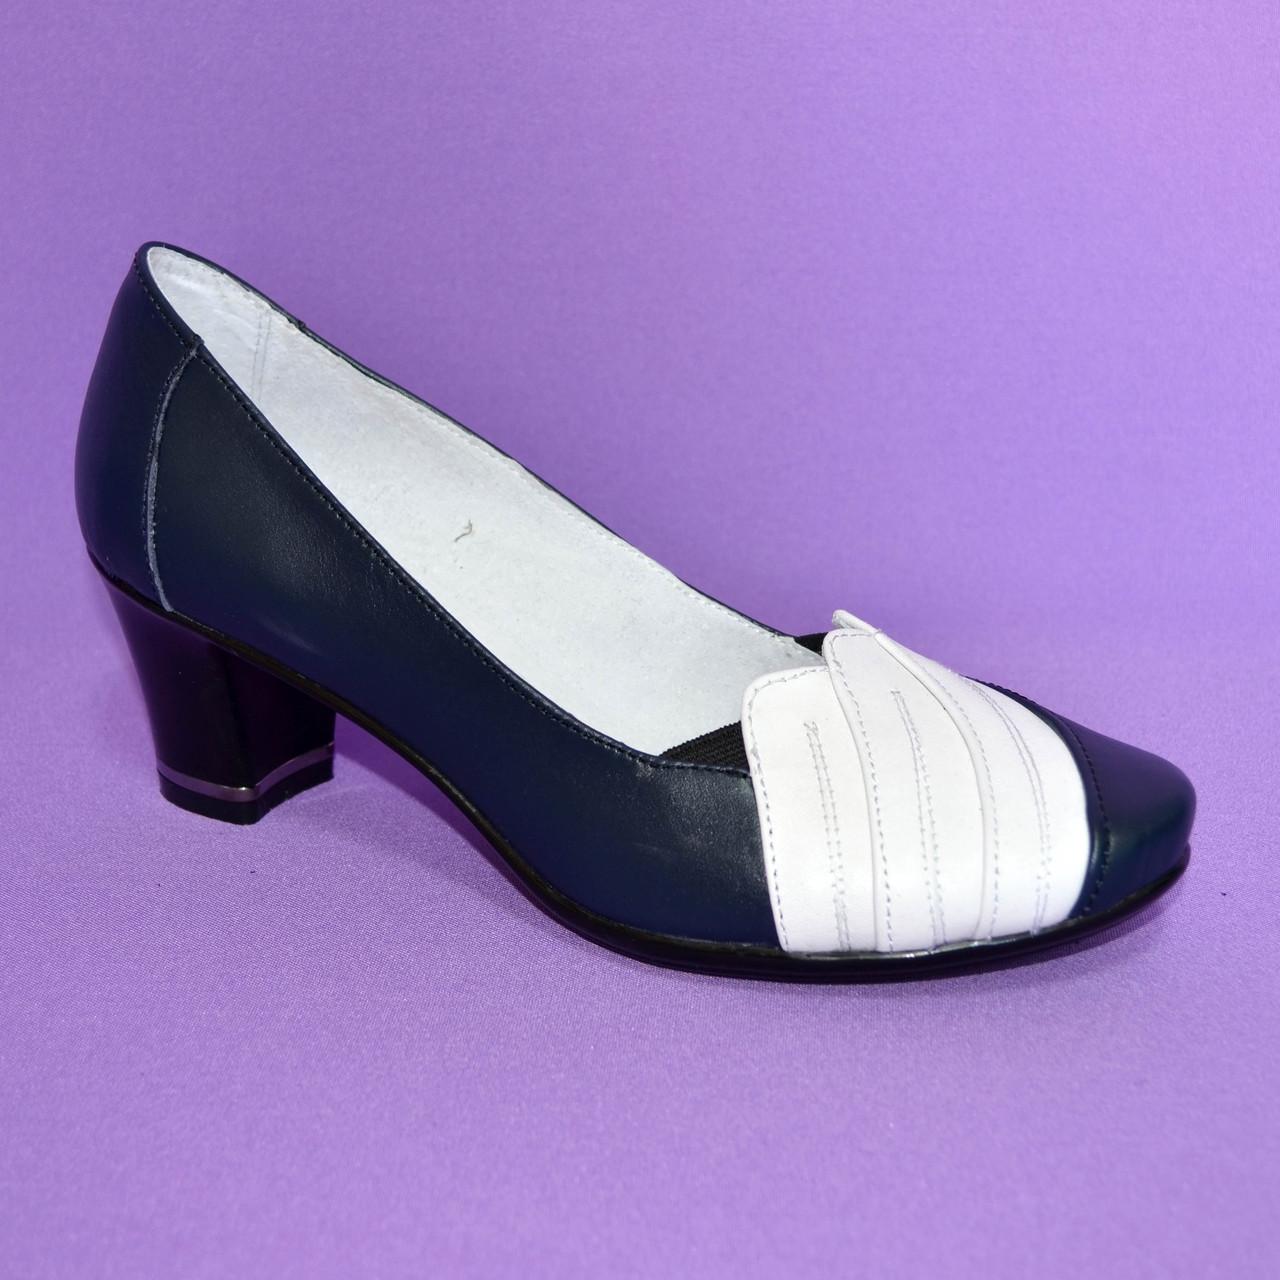 """Туфли синие кожаные женские с белыми вставками на каблуке. ТМ """"Maestro"""""""